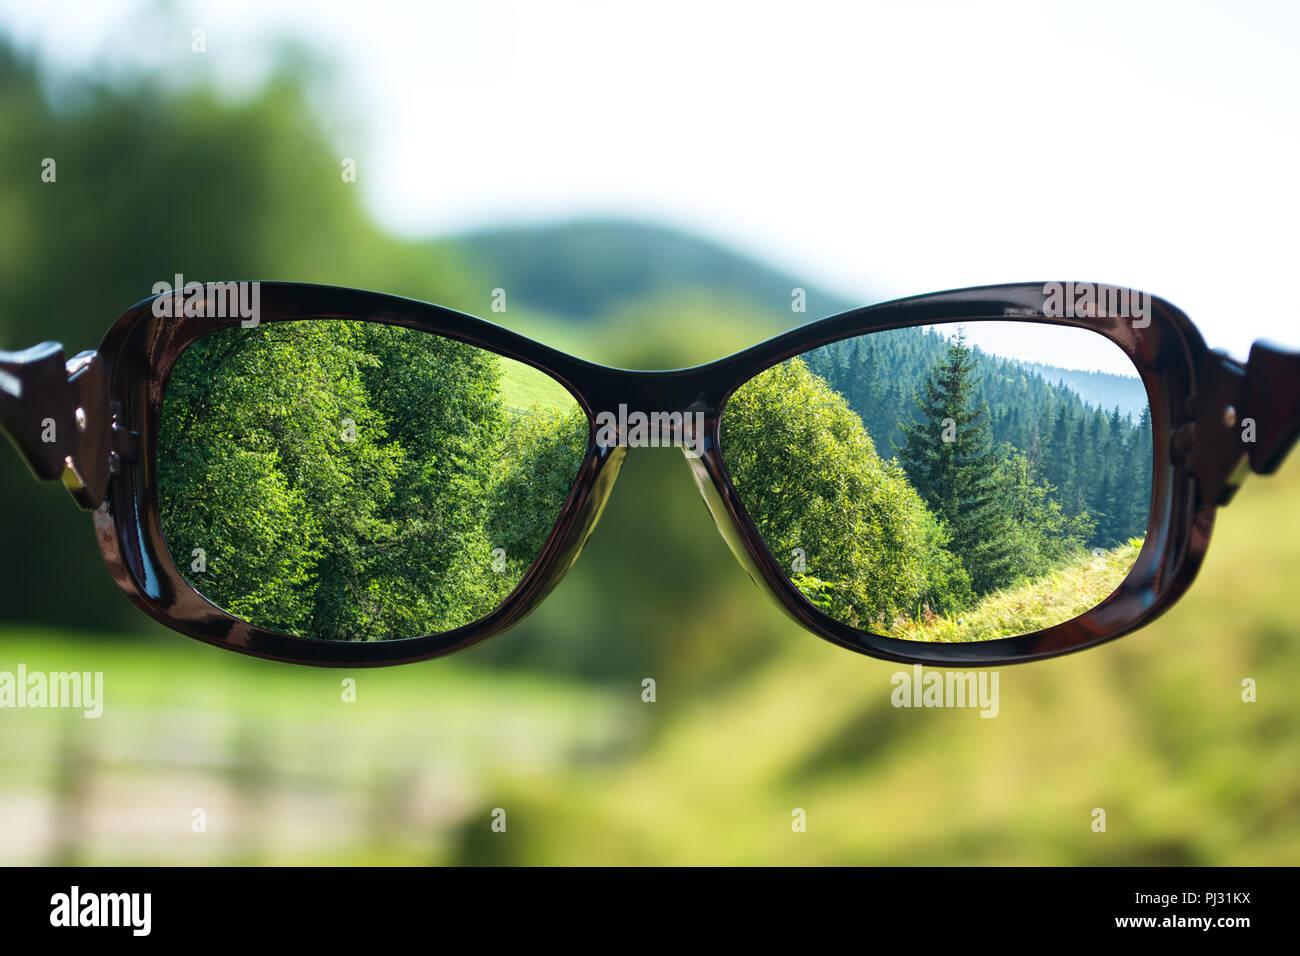 b9ae9d899e El concepto creativo de mala visión. Se centró en las lentes de las gafas  del paisaje sobre la foto borrosa